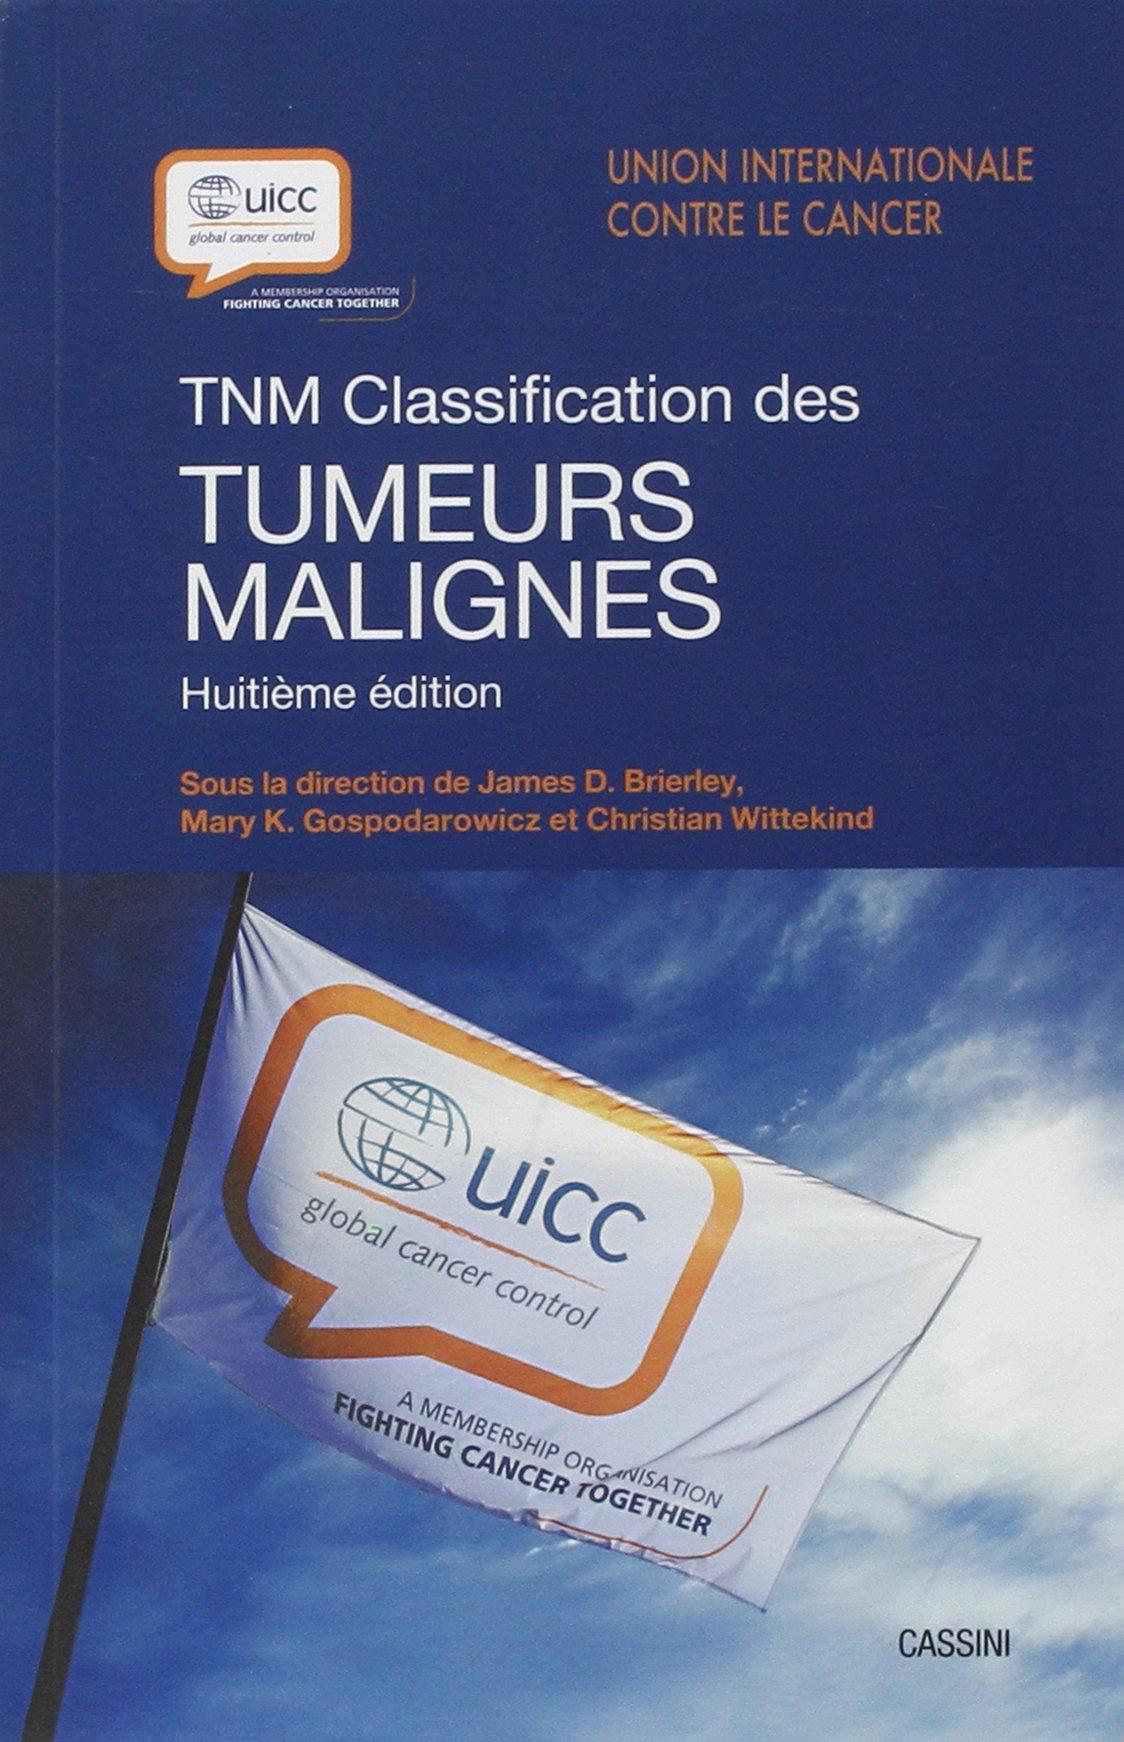 Livres Médicales - TNM Classification des tumeurs malignes 2017 Tnm_cl10